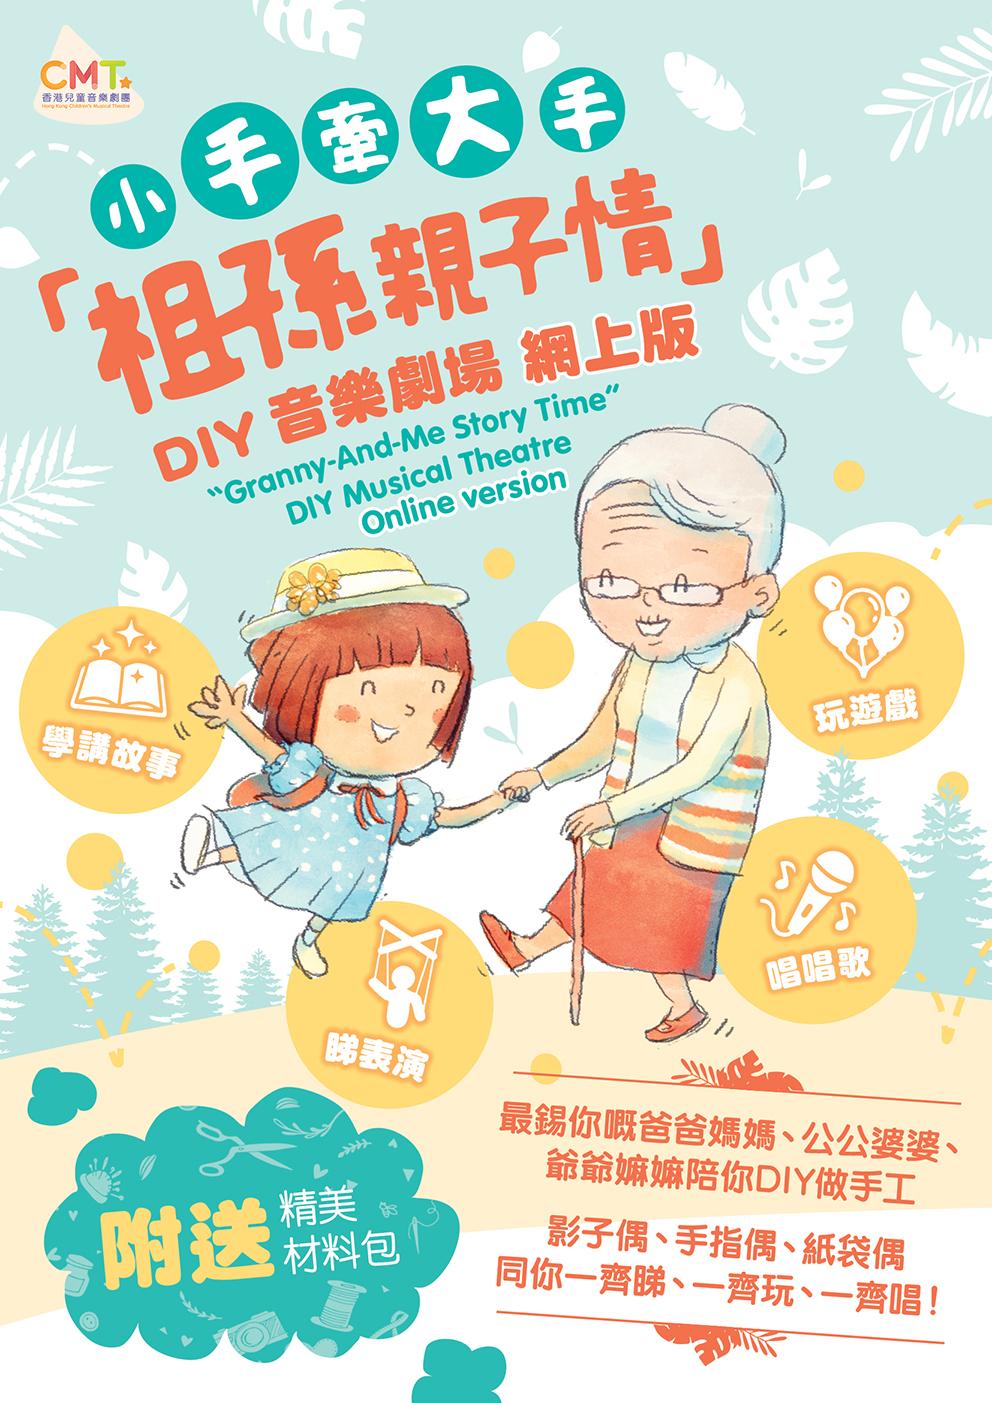 香港兒童音樂劇團夏日節目—「祖孫親子情」